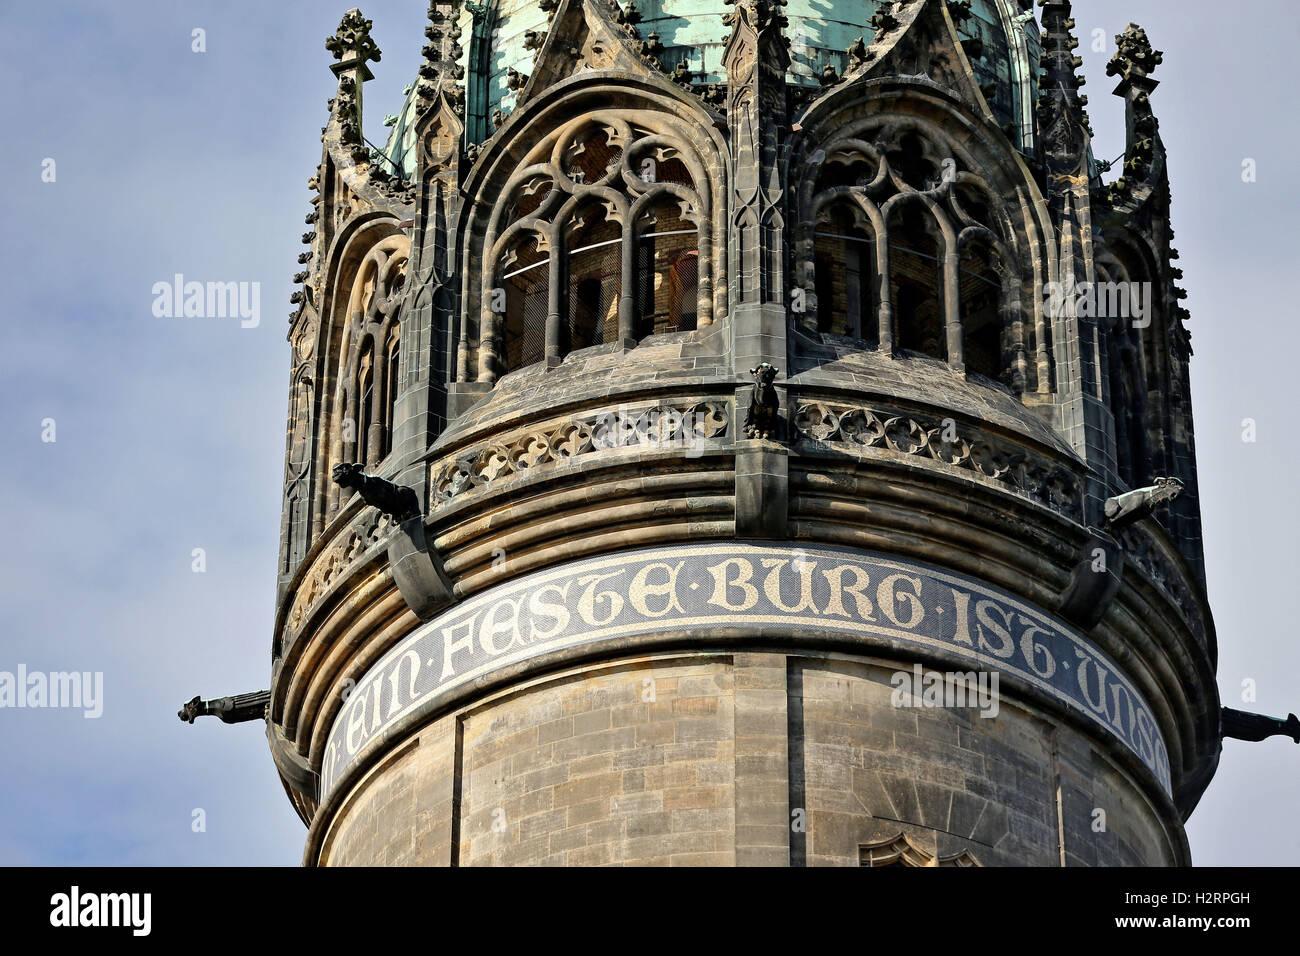 Wittenberg Deutschland 2 Oktober 2016 Ein Zitat Von